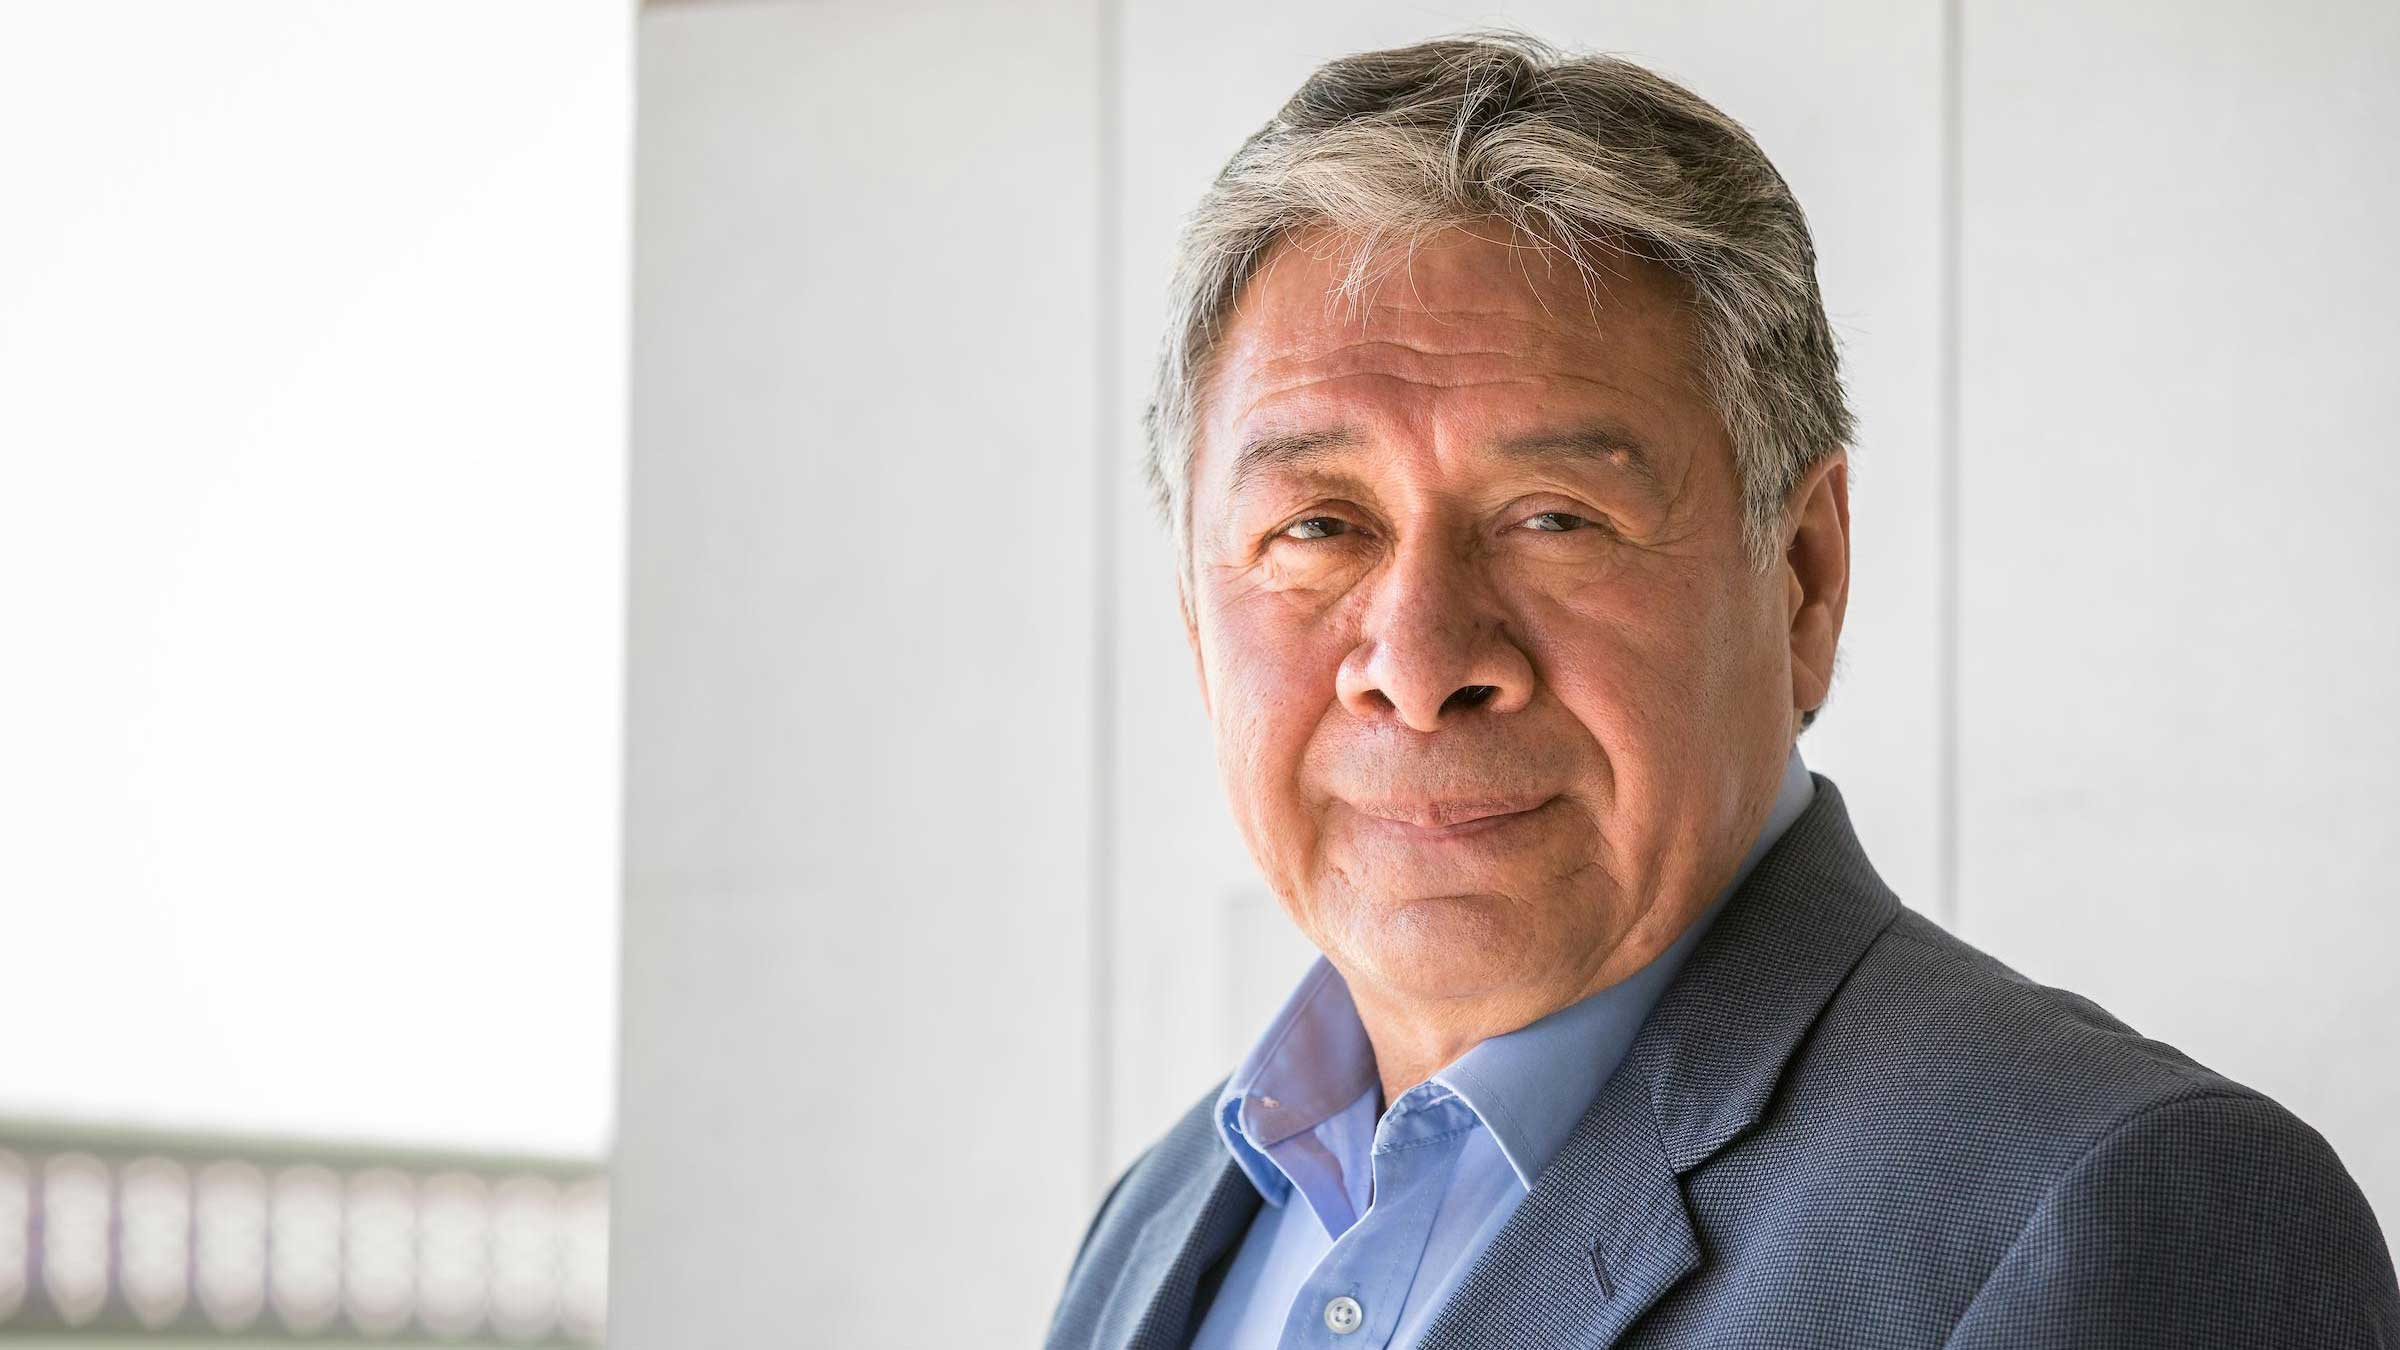 ASU Regents Professor Donald L. Fixico